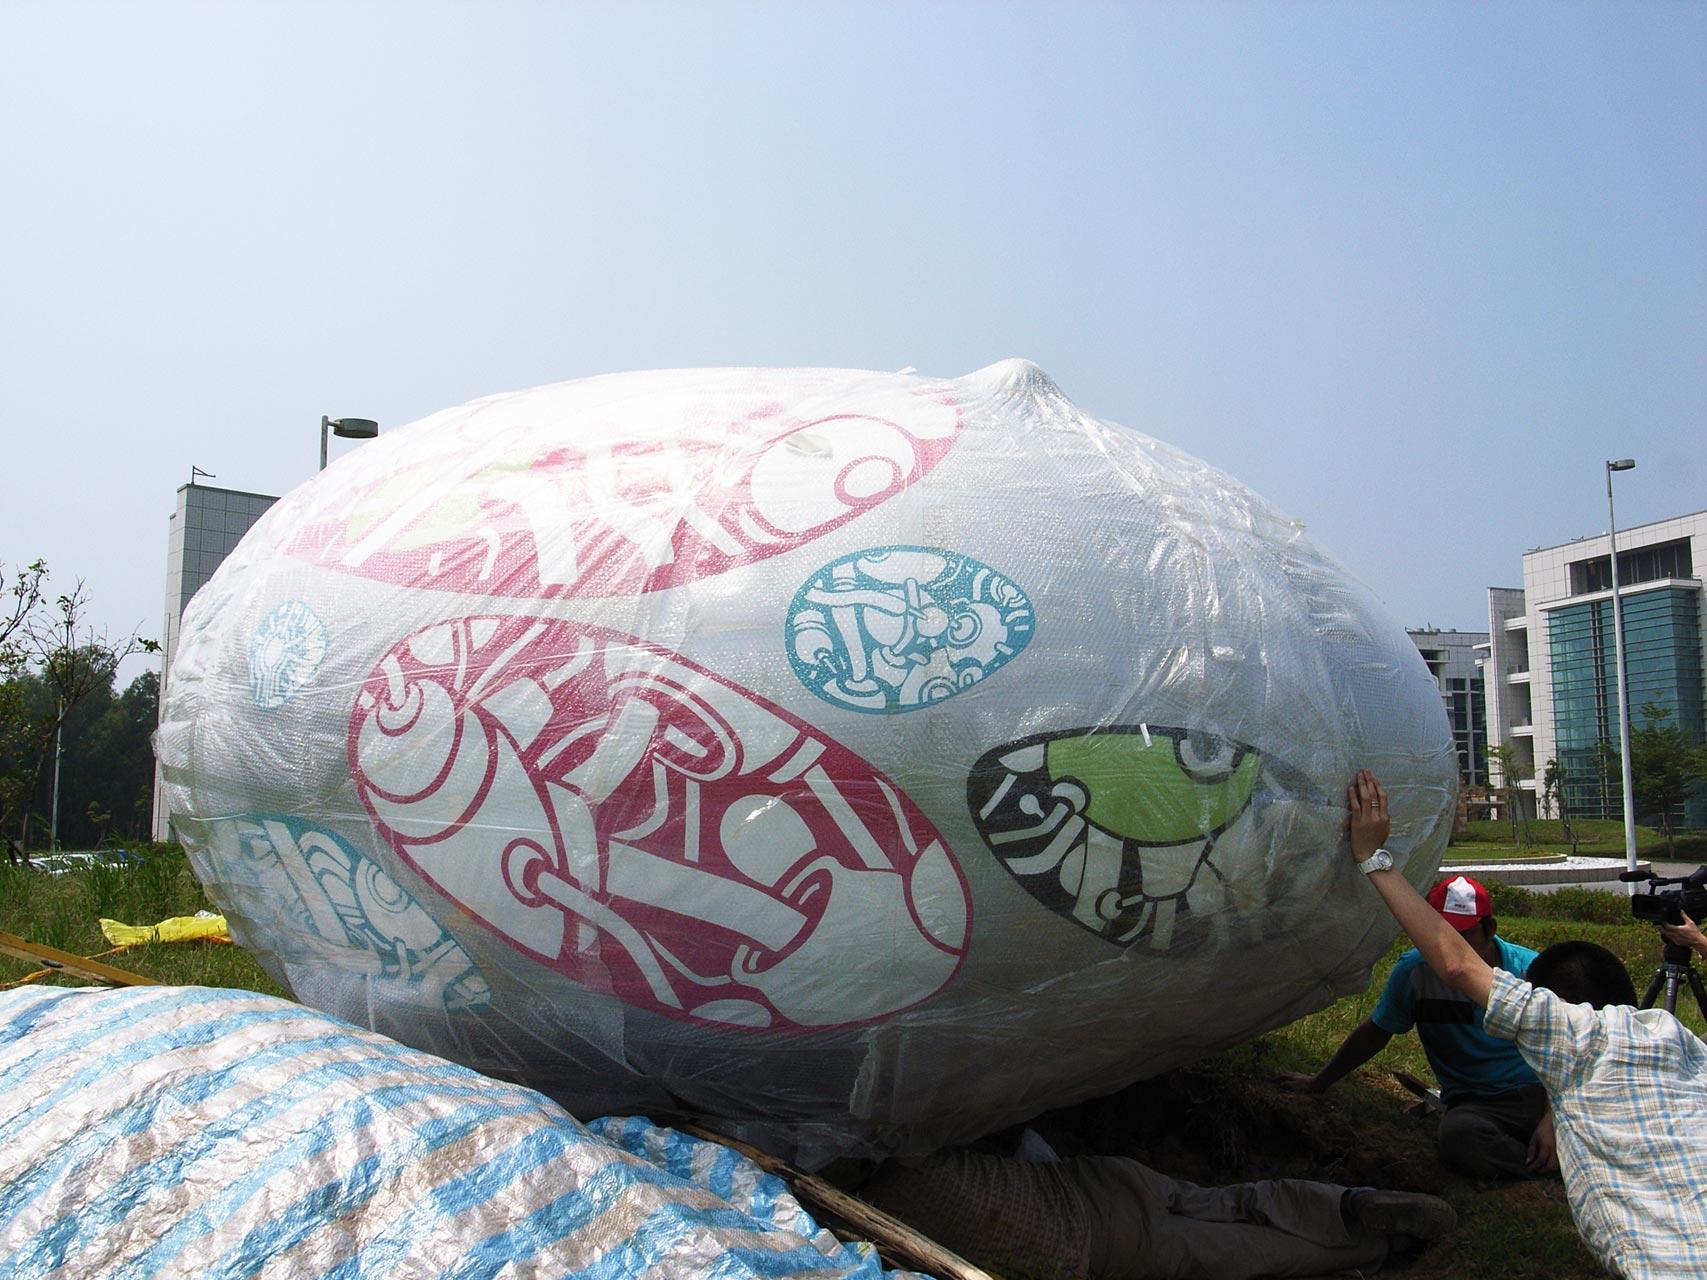 使用不锈钢锻造,金属烤漆图纹制作,尺寸约3米半的一颗蛋形雕塑.